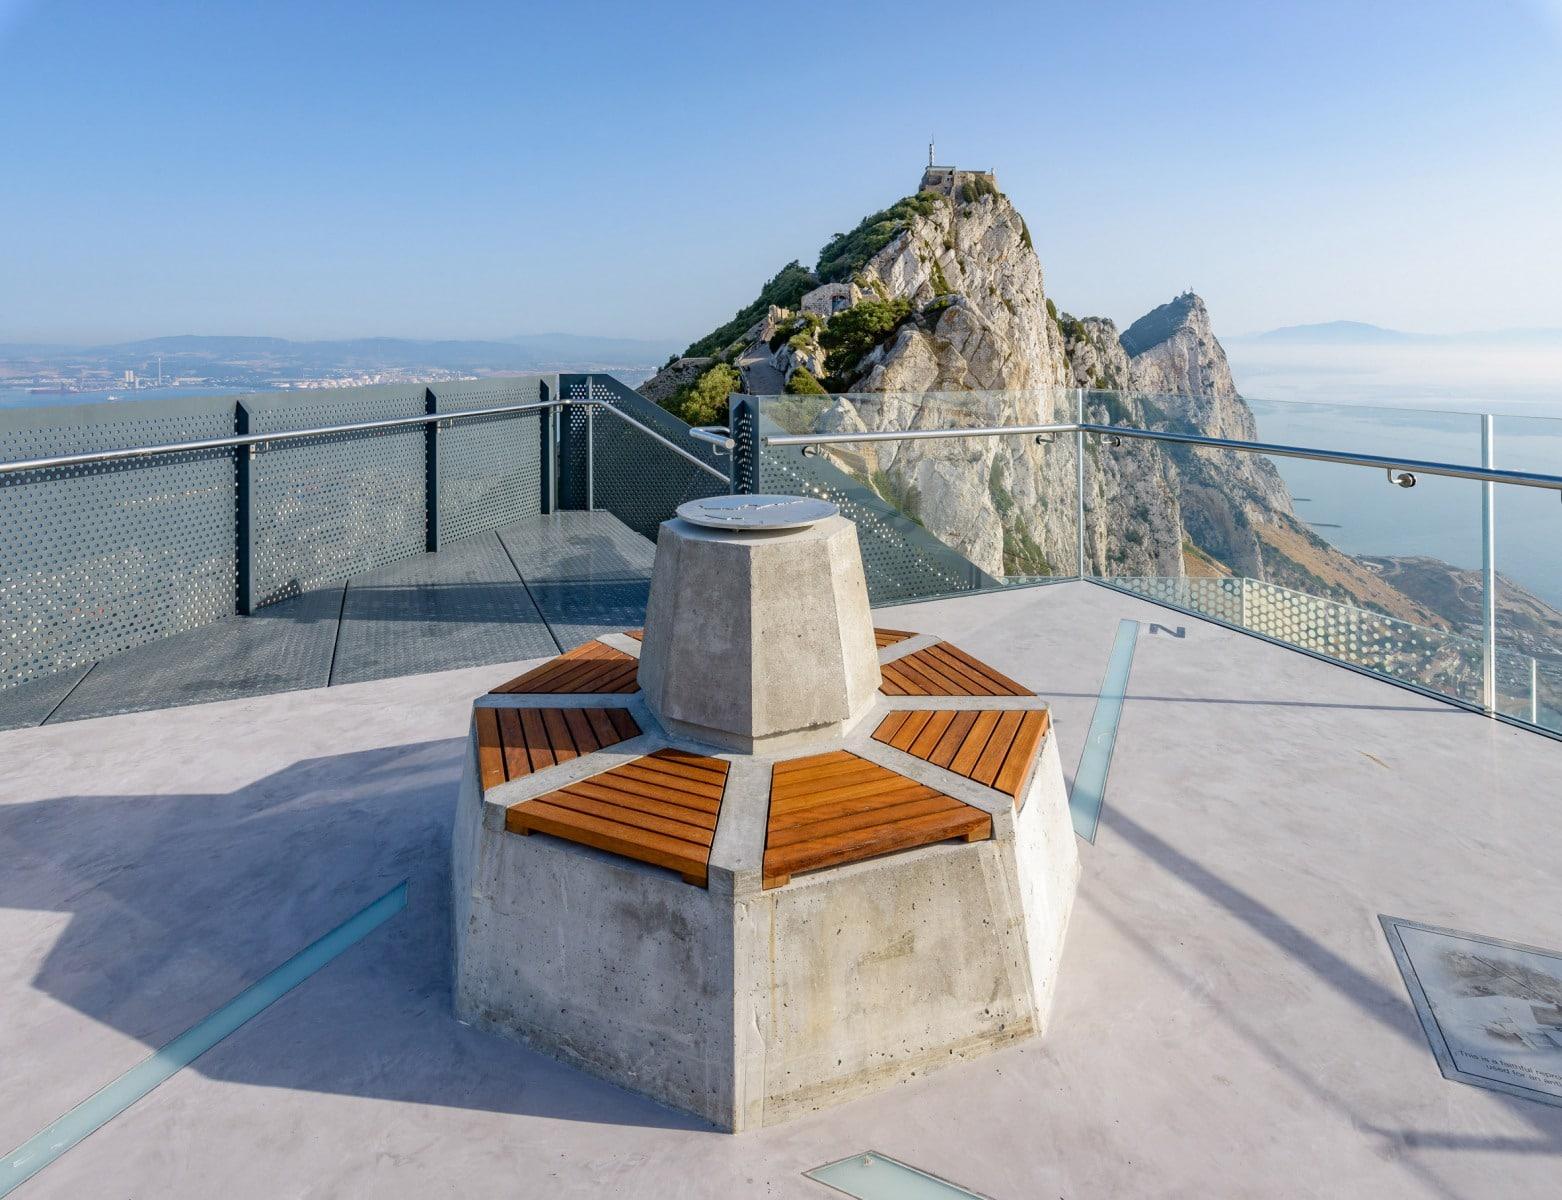 skywalk-gibraltar-6-photo-taken-for-bovis-koala-jv-by-meteogibs-photographer-stephen-ball_42273842345_o